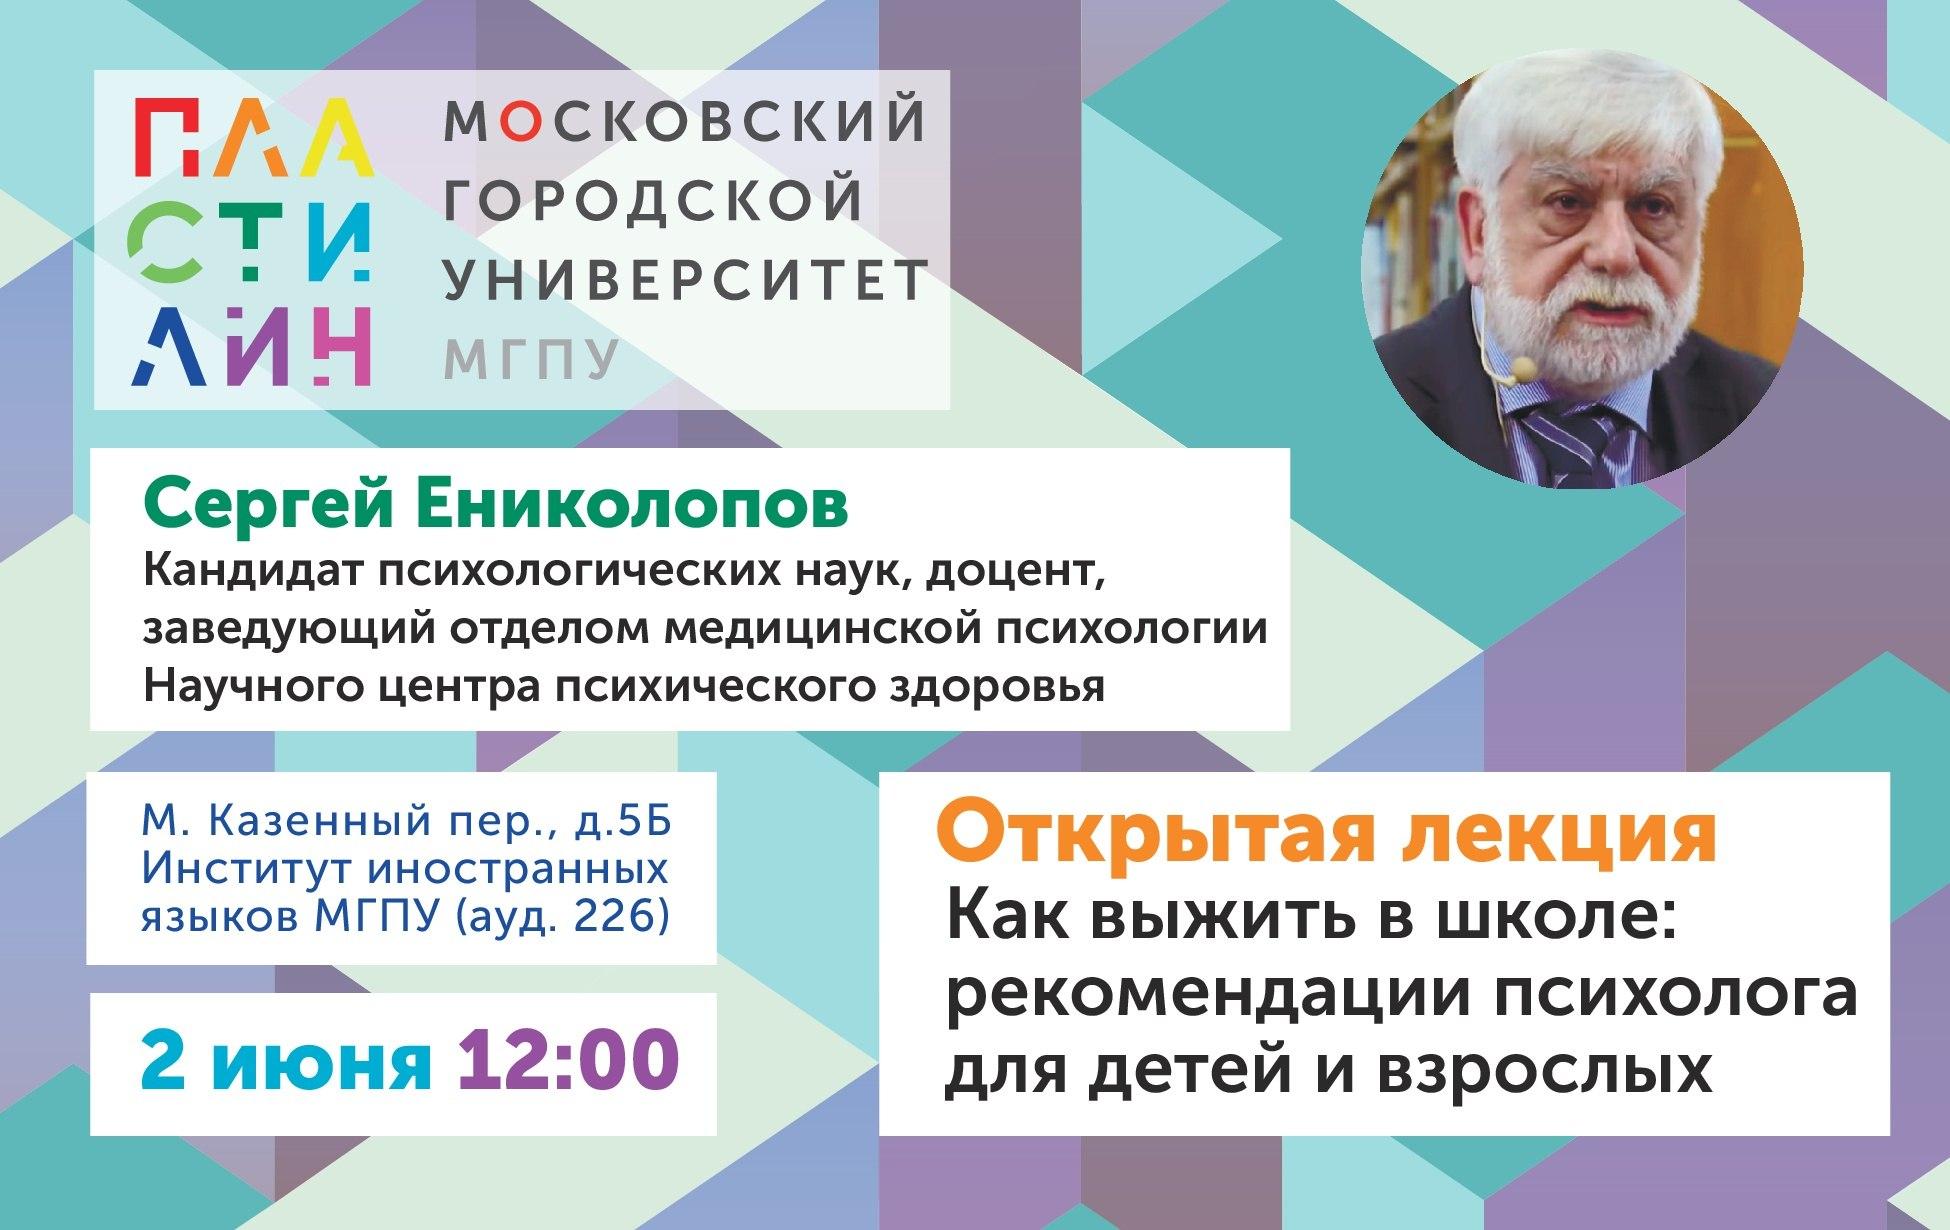 Психолог Сергей Ениколопов открытая лекция в МГПУ